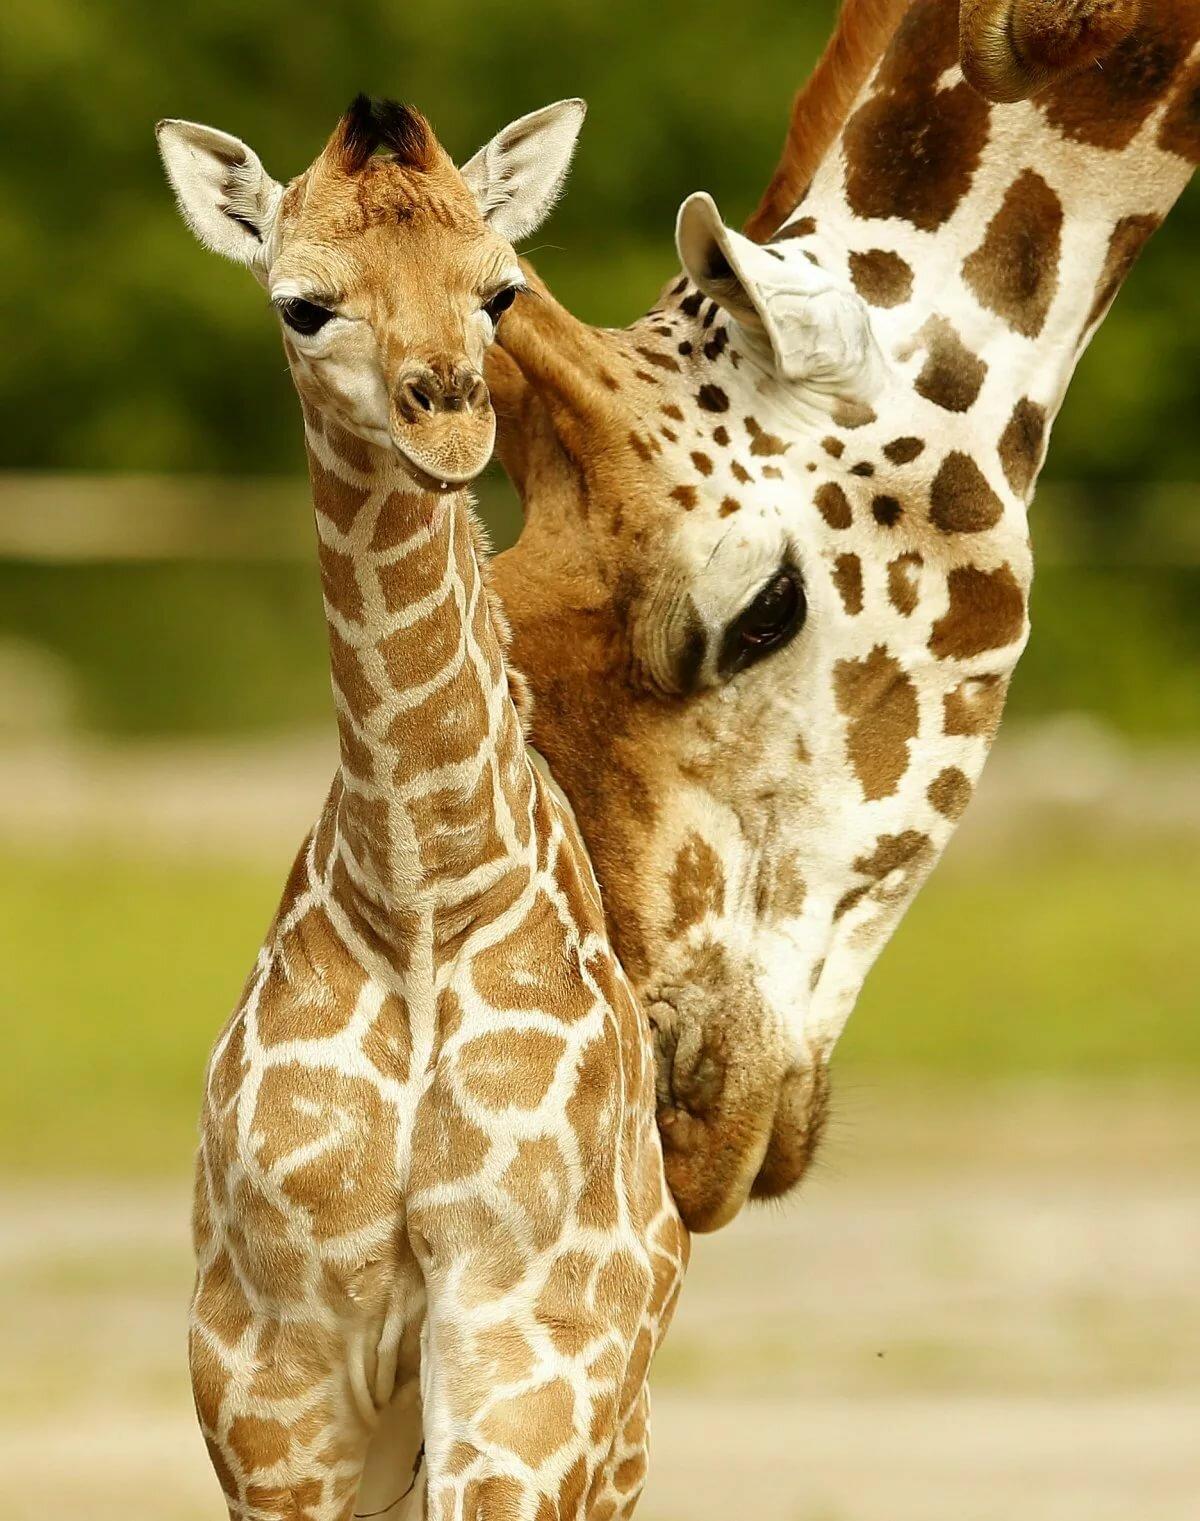 затмит красивые жирафики картинки какие вещи могут